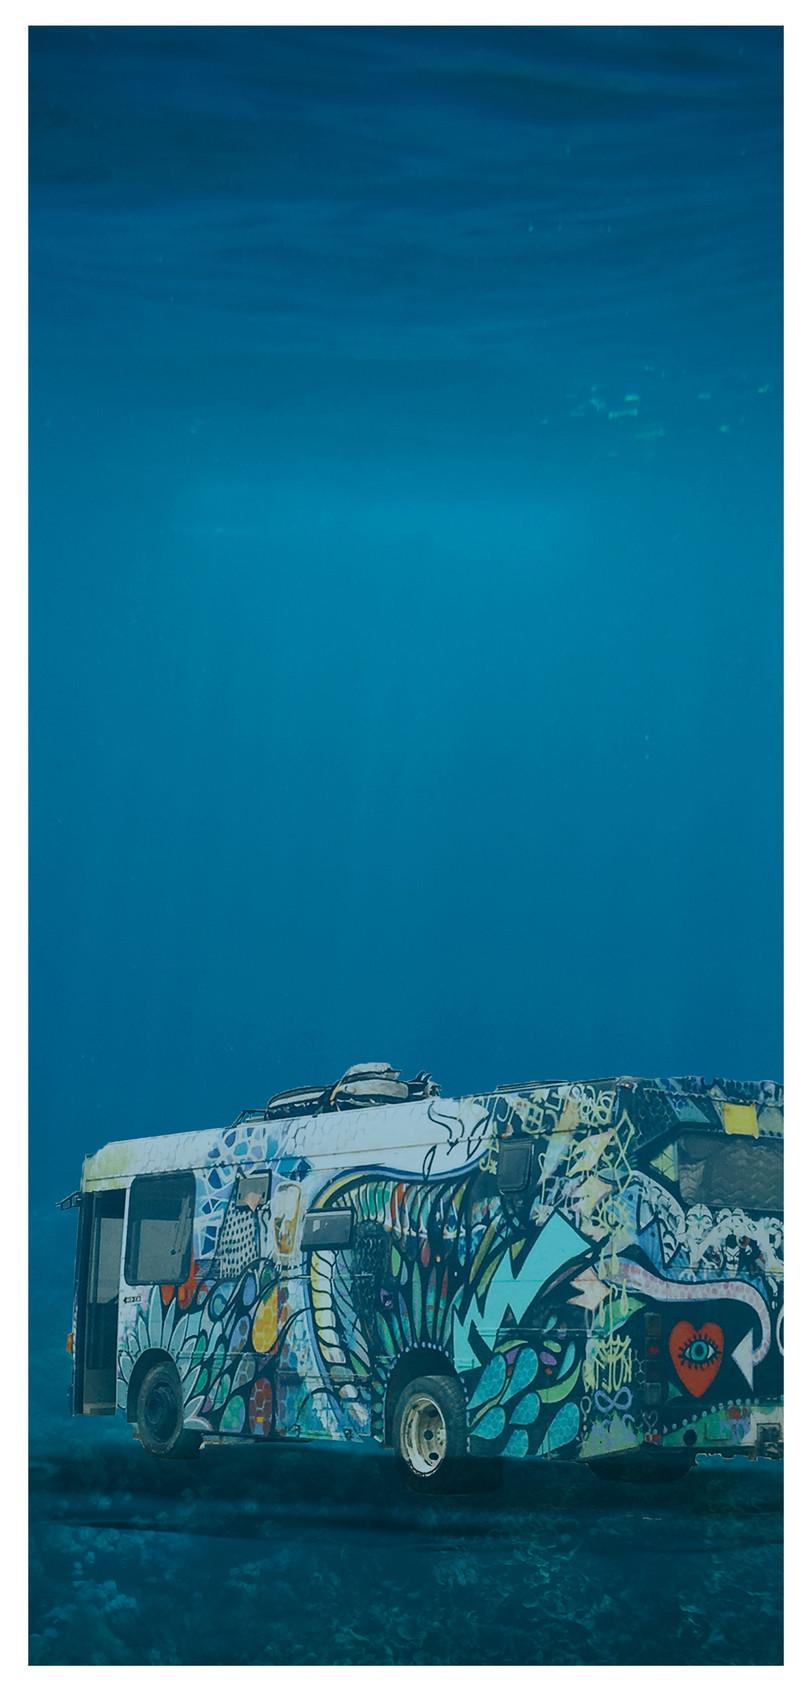 Laut Dalam Bas Bergerak Wallpaper Gambar Unduh Gratis Imej